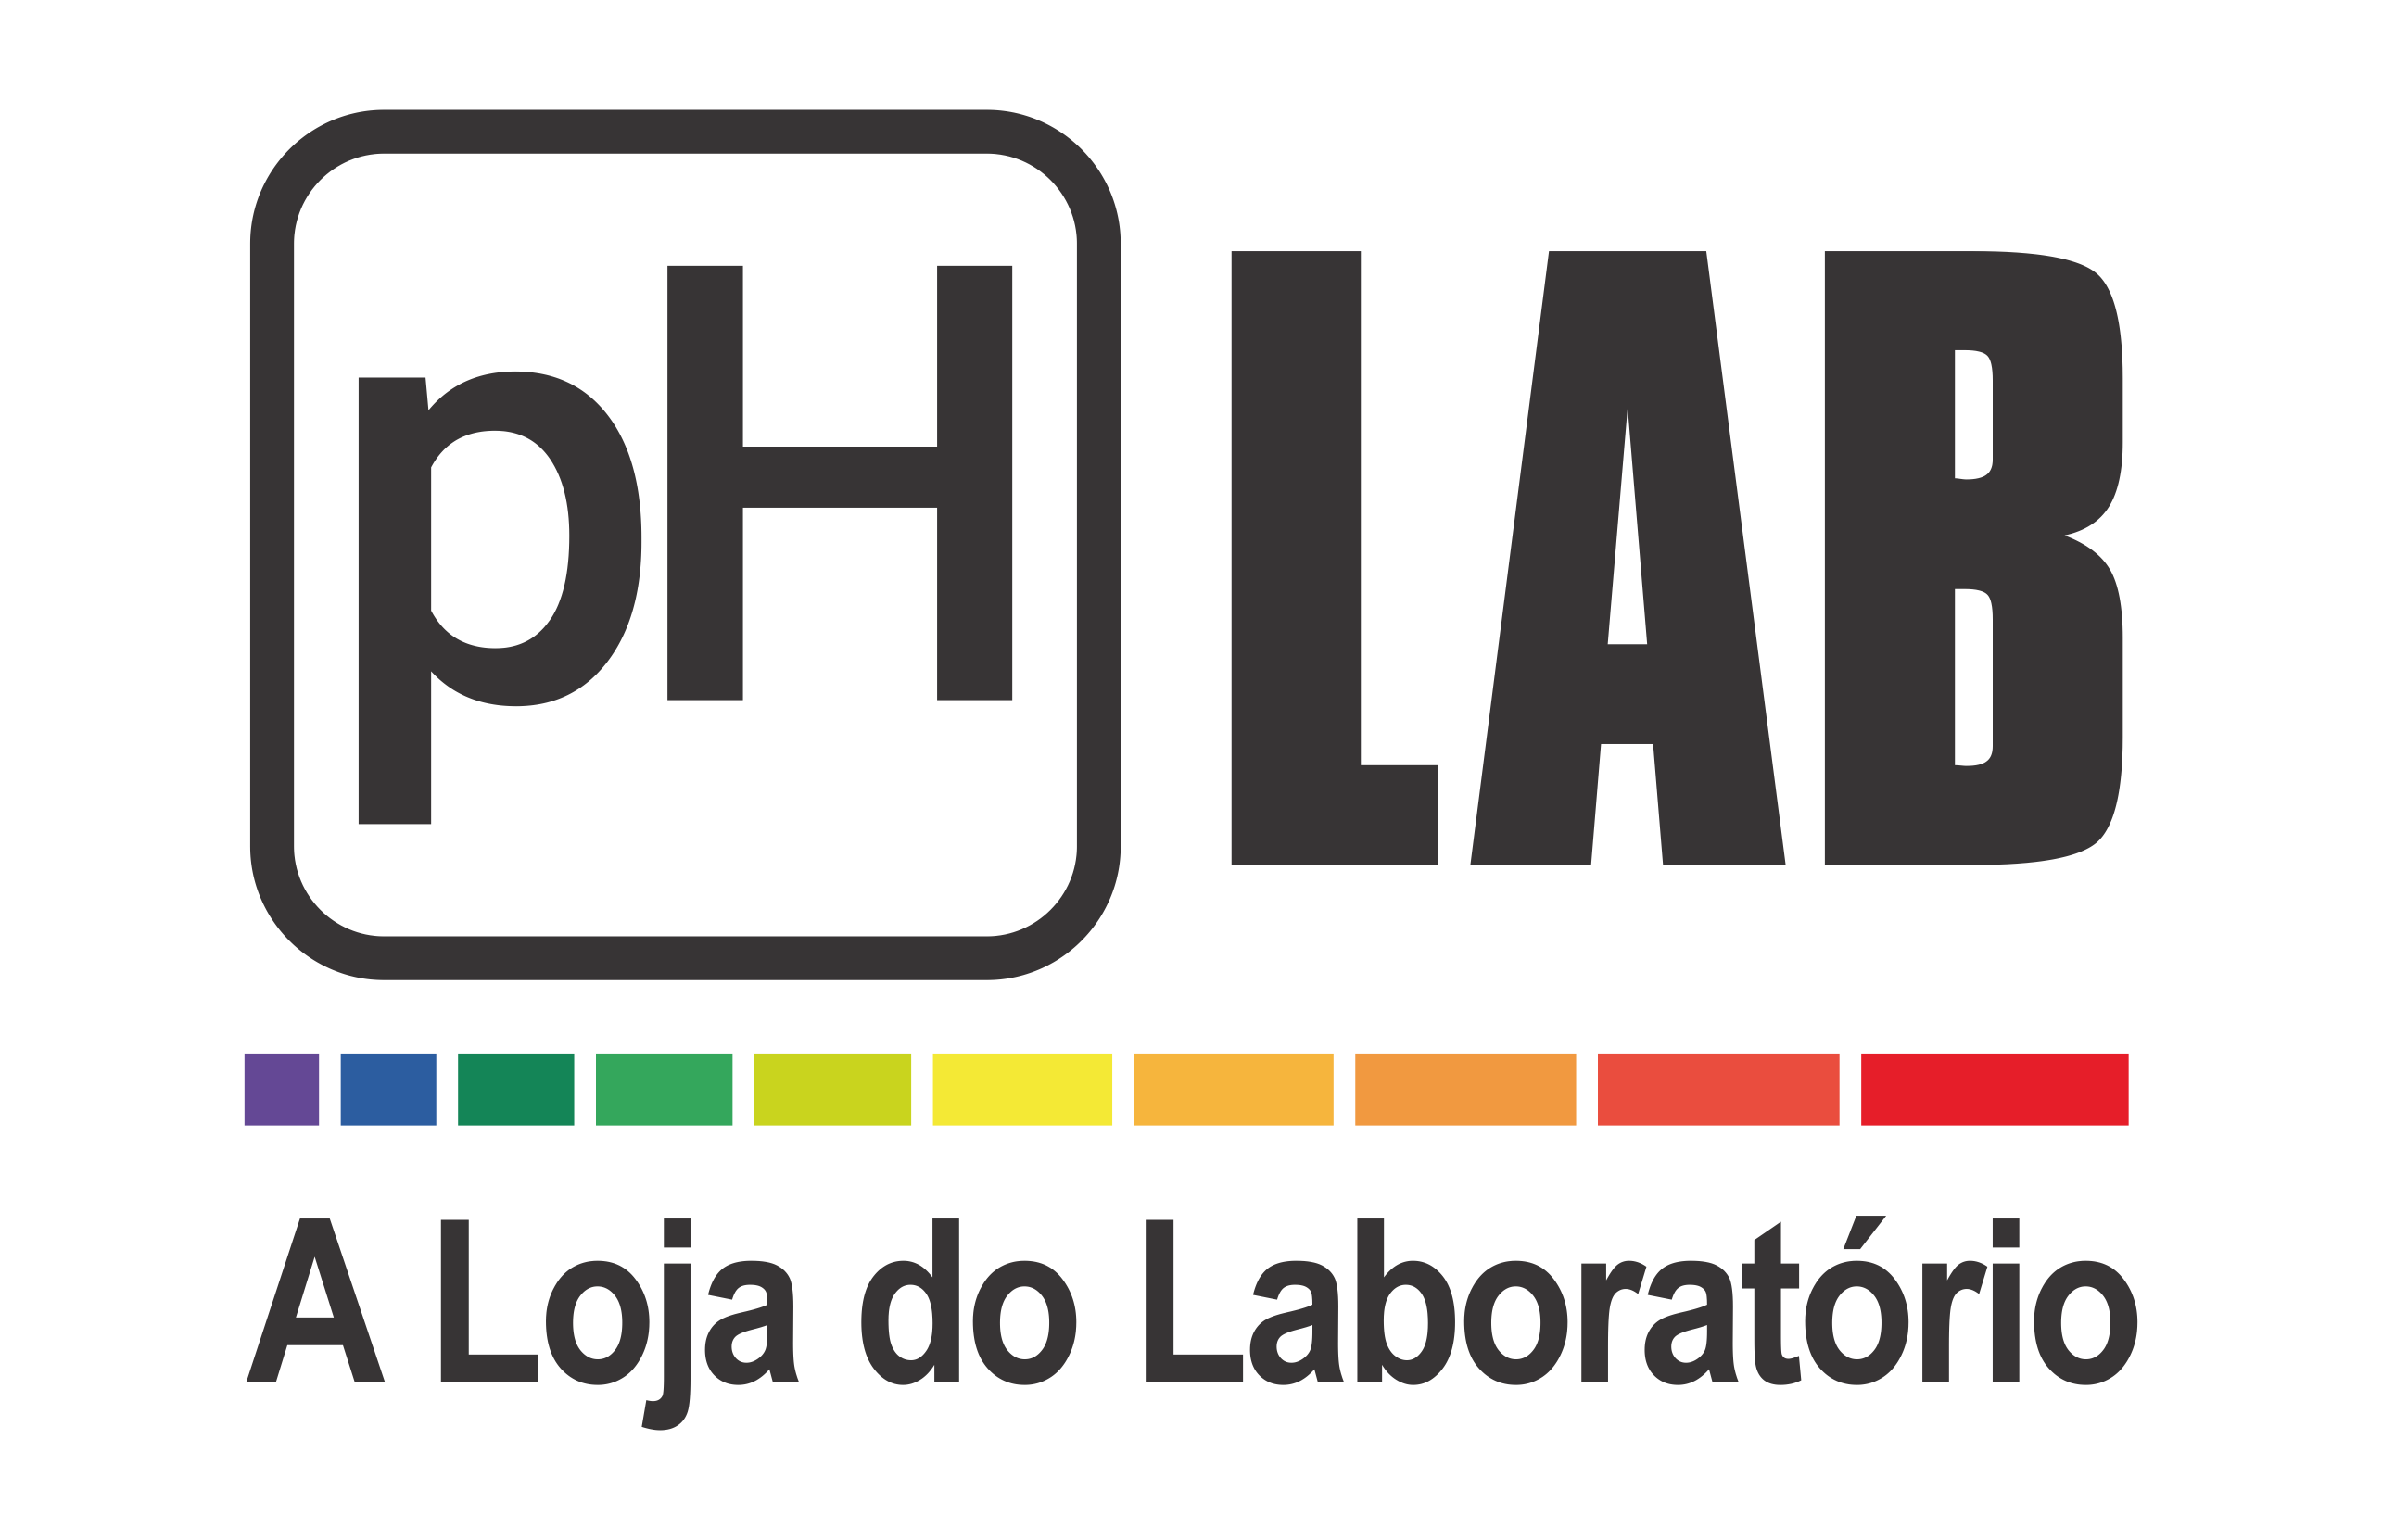 Phlab